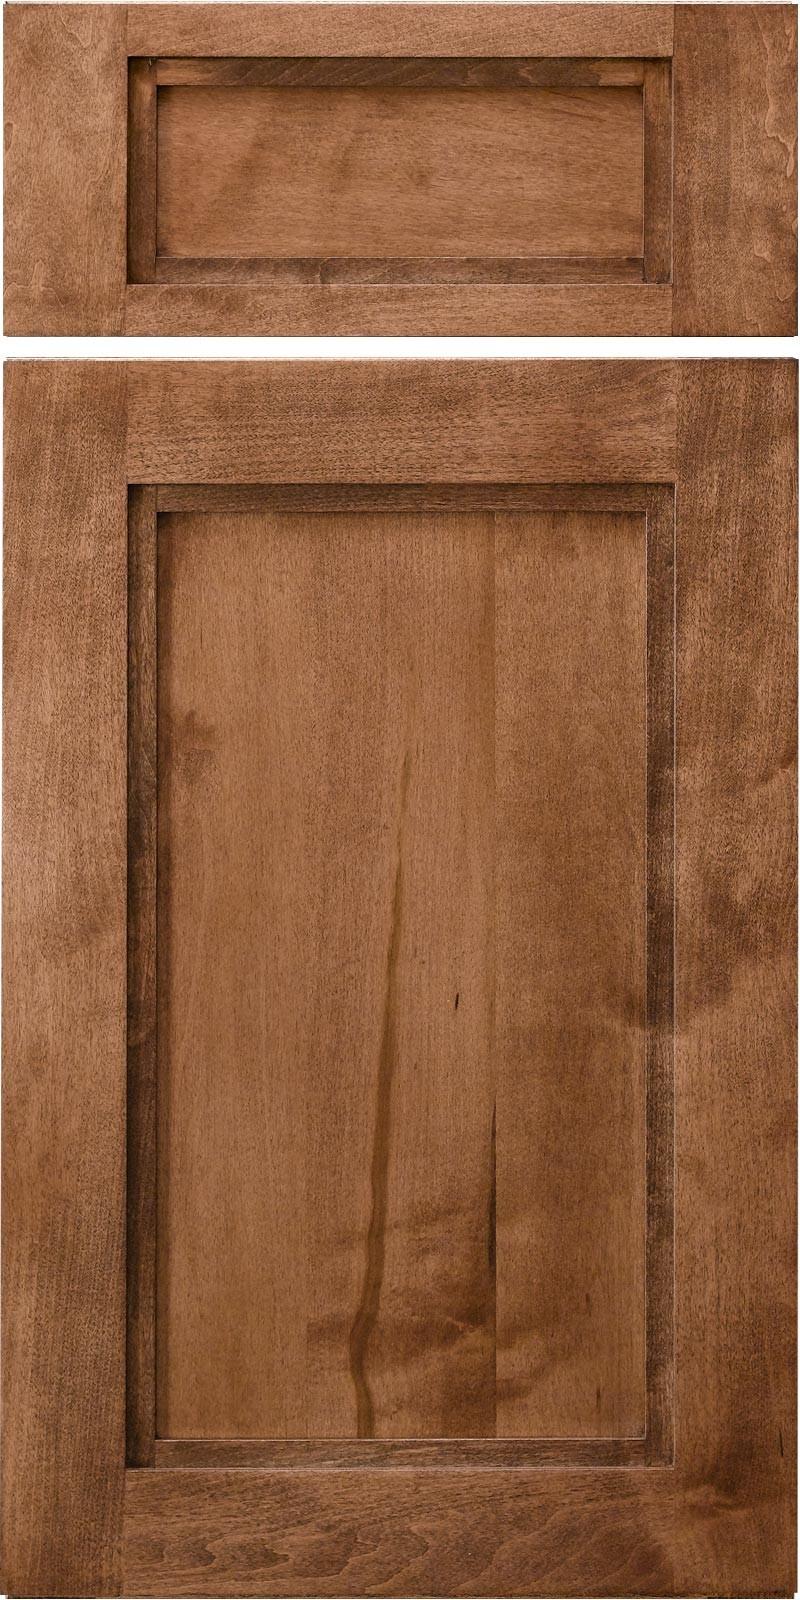 Recessed Panel Doors Kline Cabinetmakers